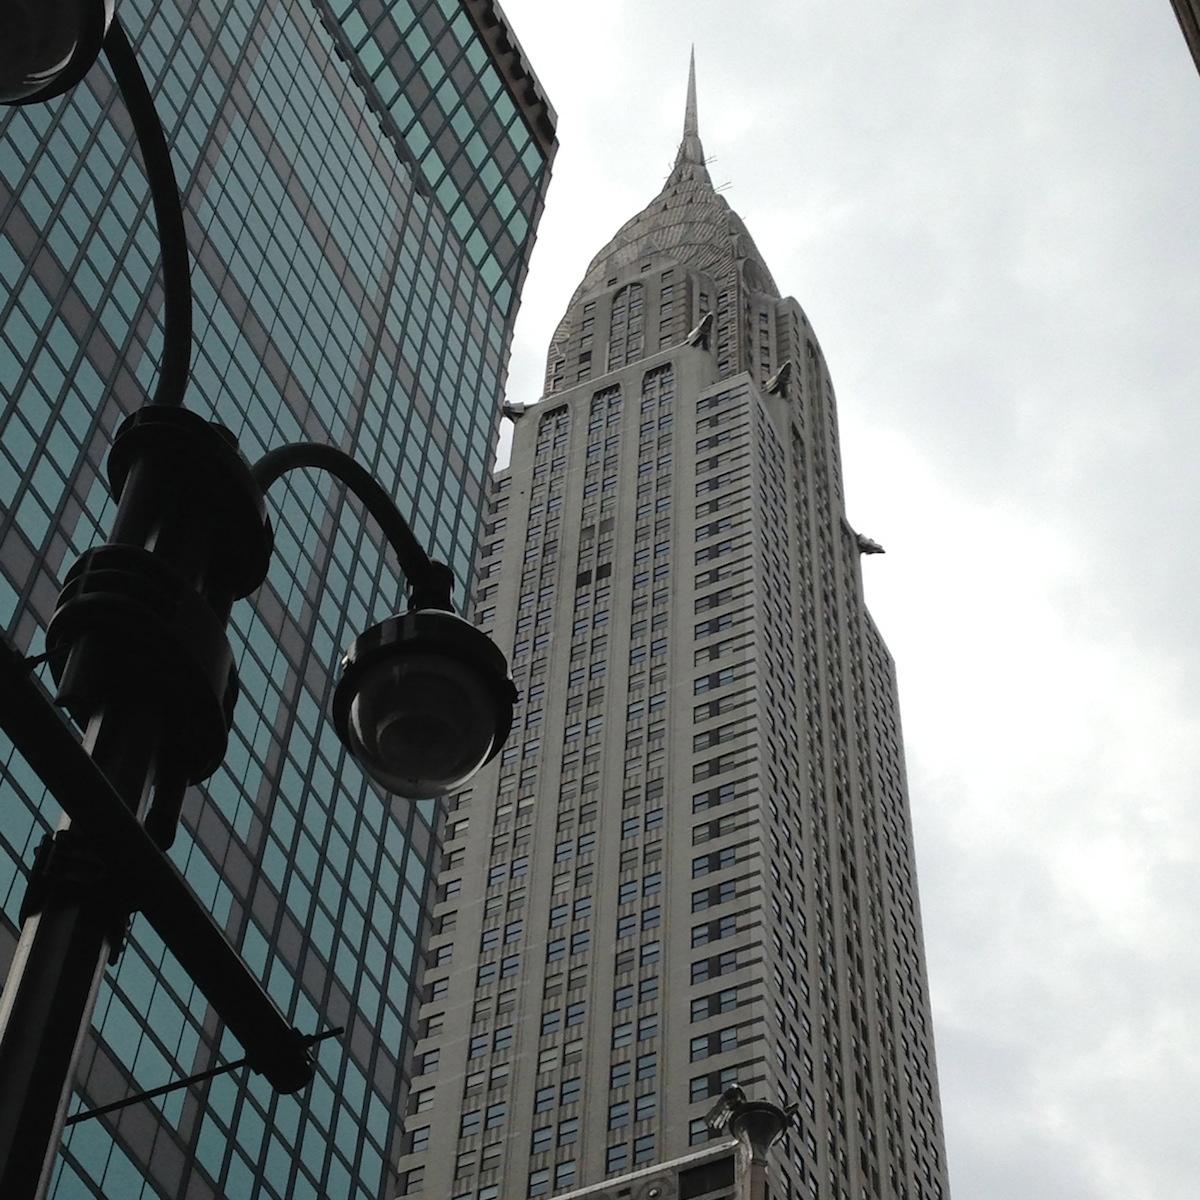 Mehr-New-York-City-Tipps-auf-Sue-loves-NYC